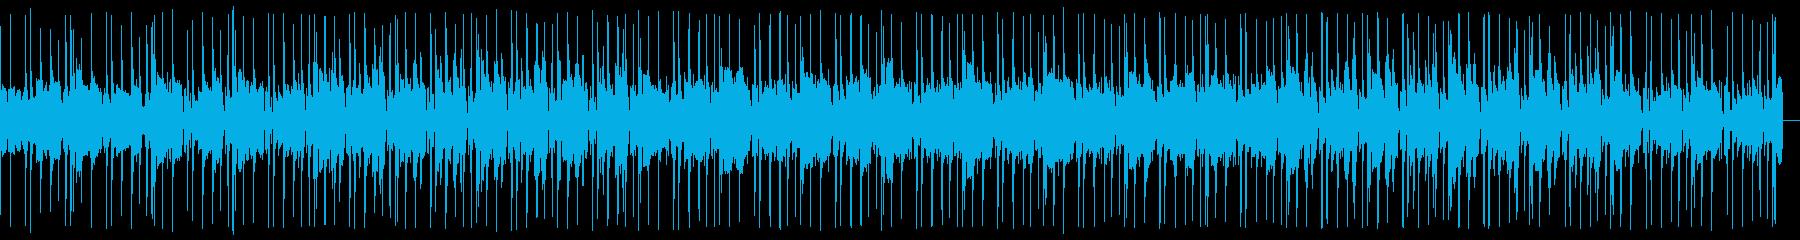 ブラスとオルガンが軽快なソウル/ファンクの再生済みの波形